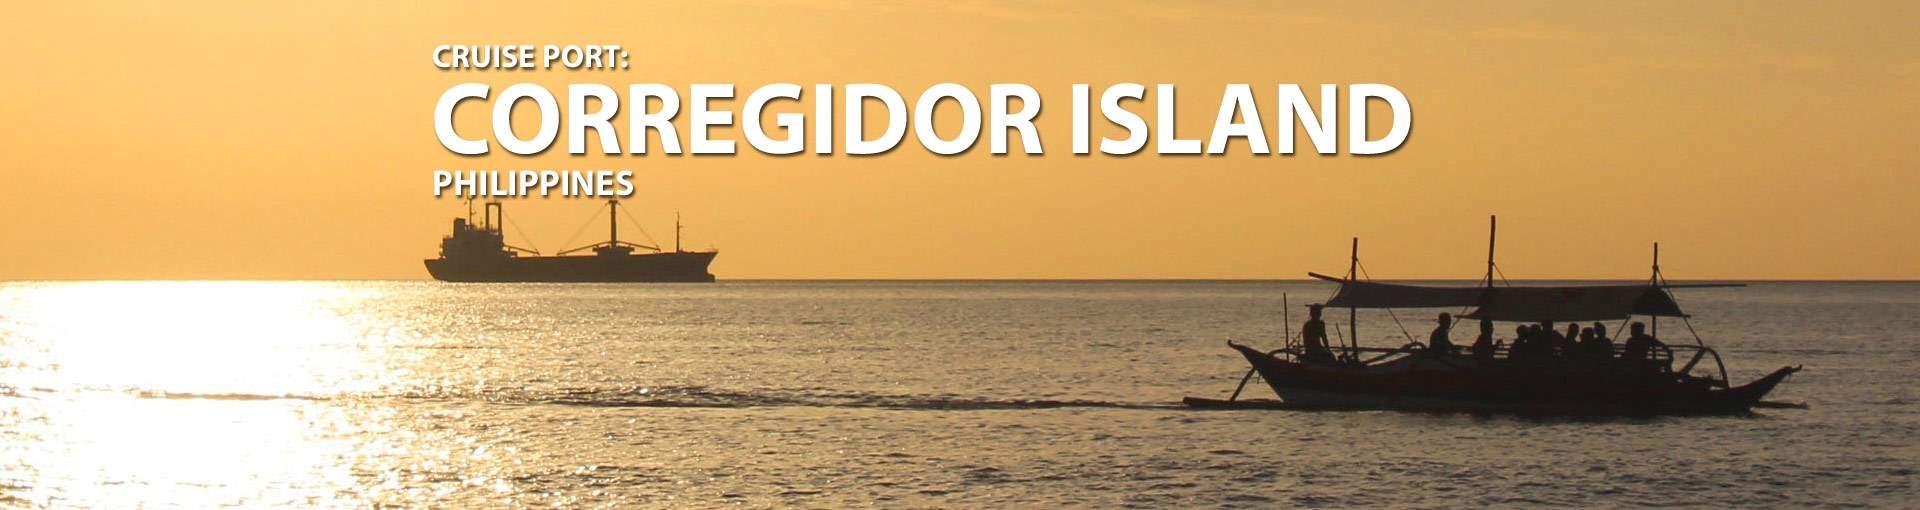 Corregidor Island, Philippines Cruise Port